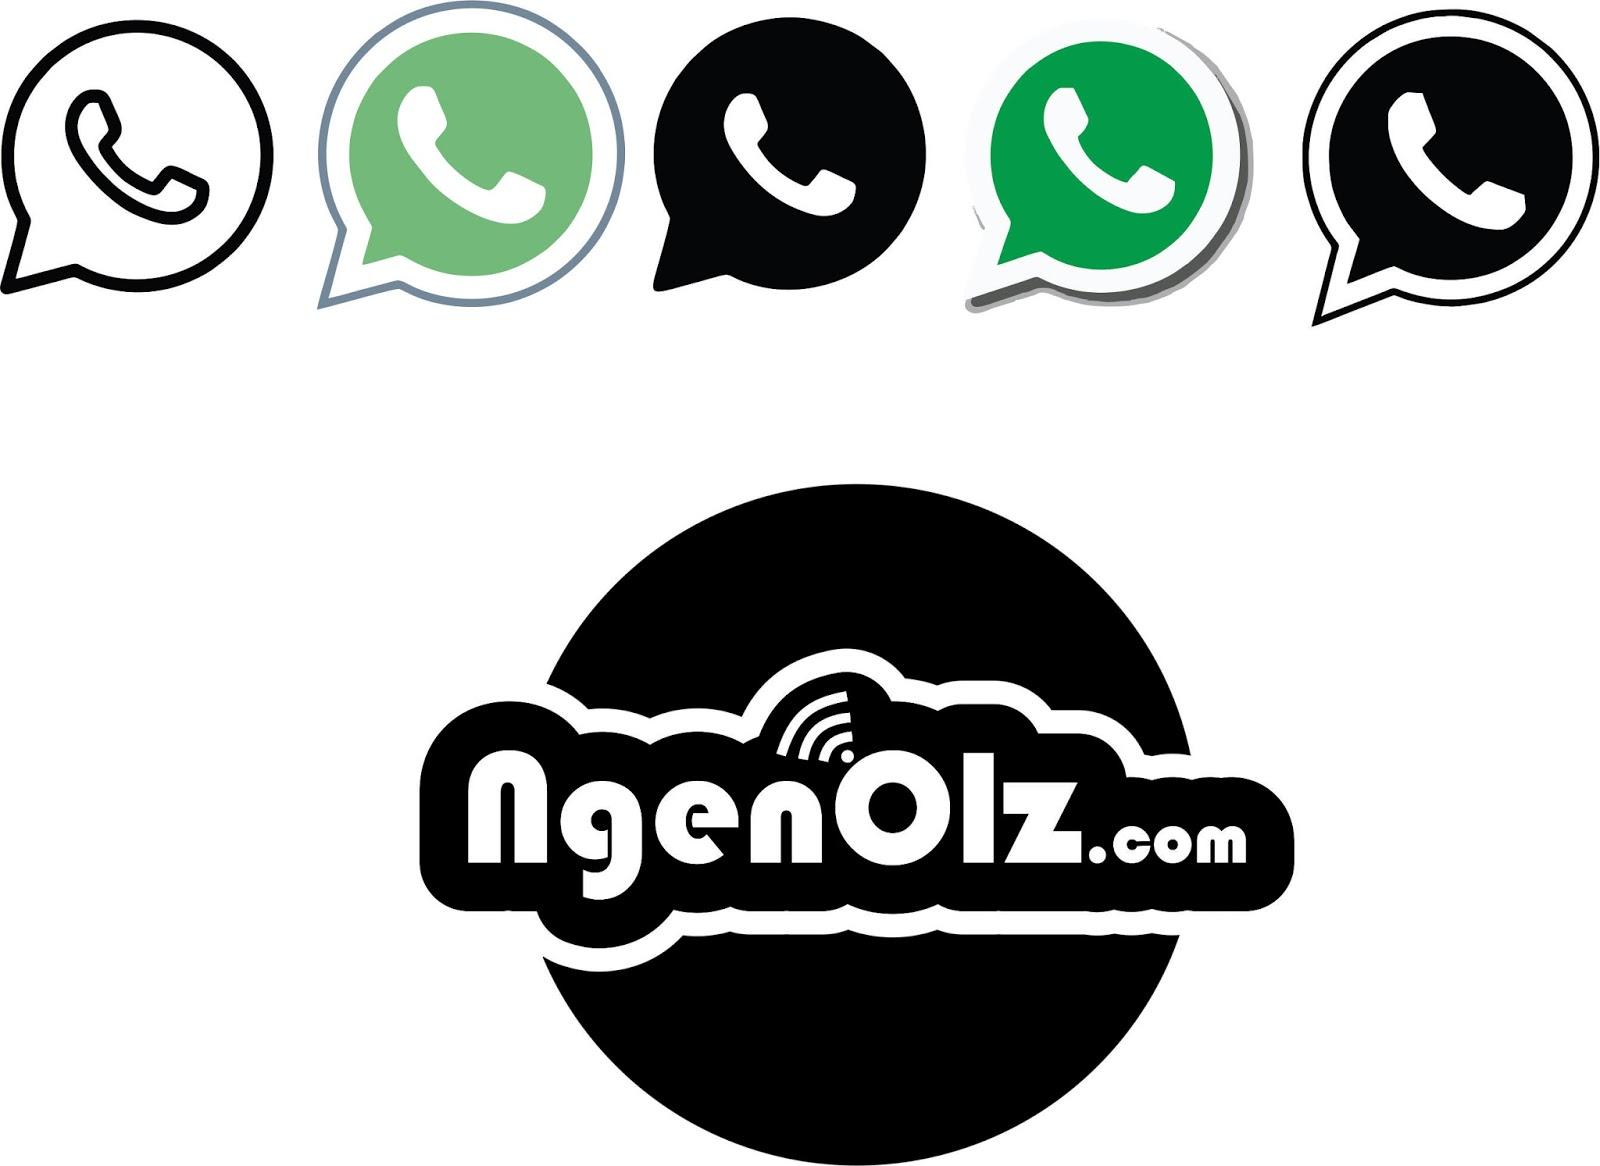 Merubah Nomor Telepon Aplikasi Whatsapp Wa Menghapus Disederhanakan Akun Melalui